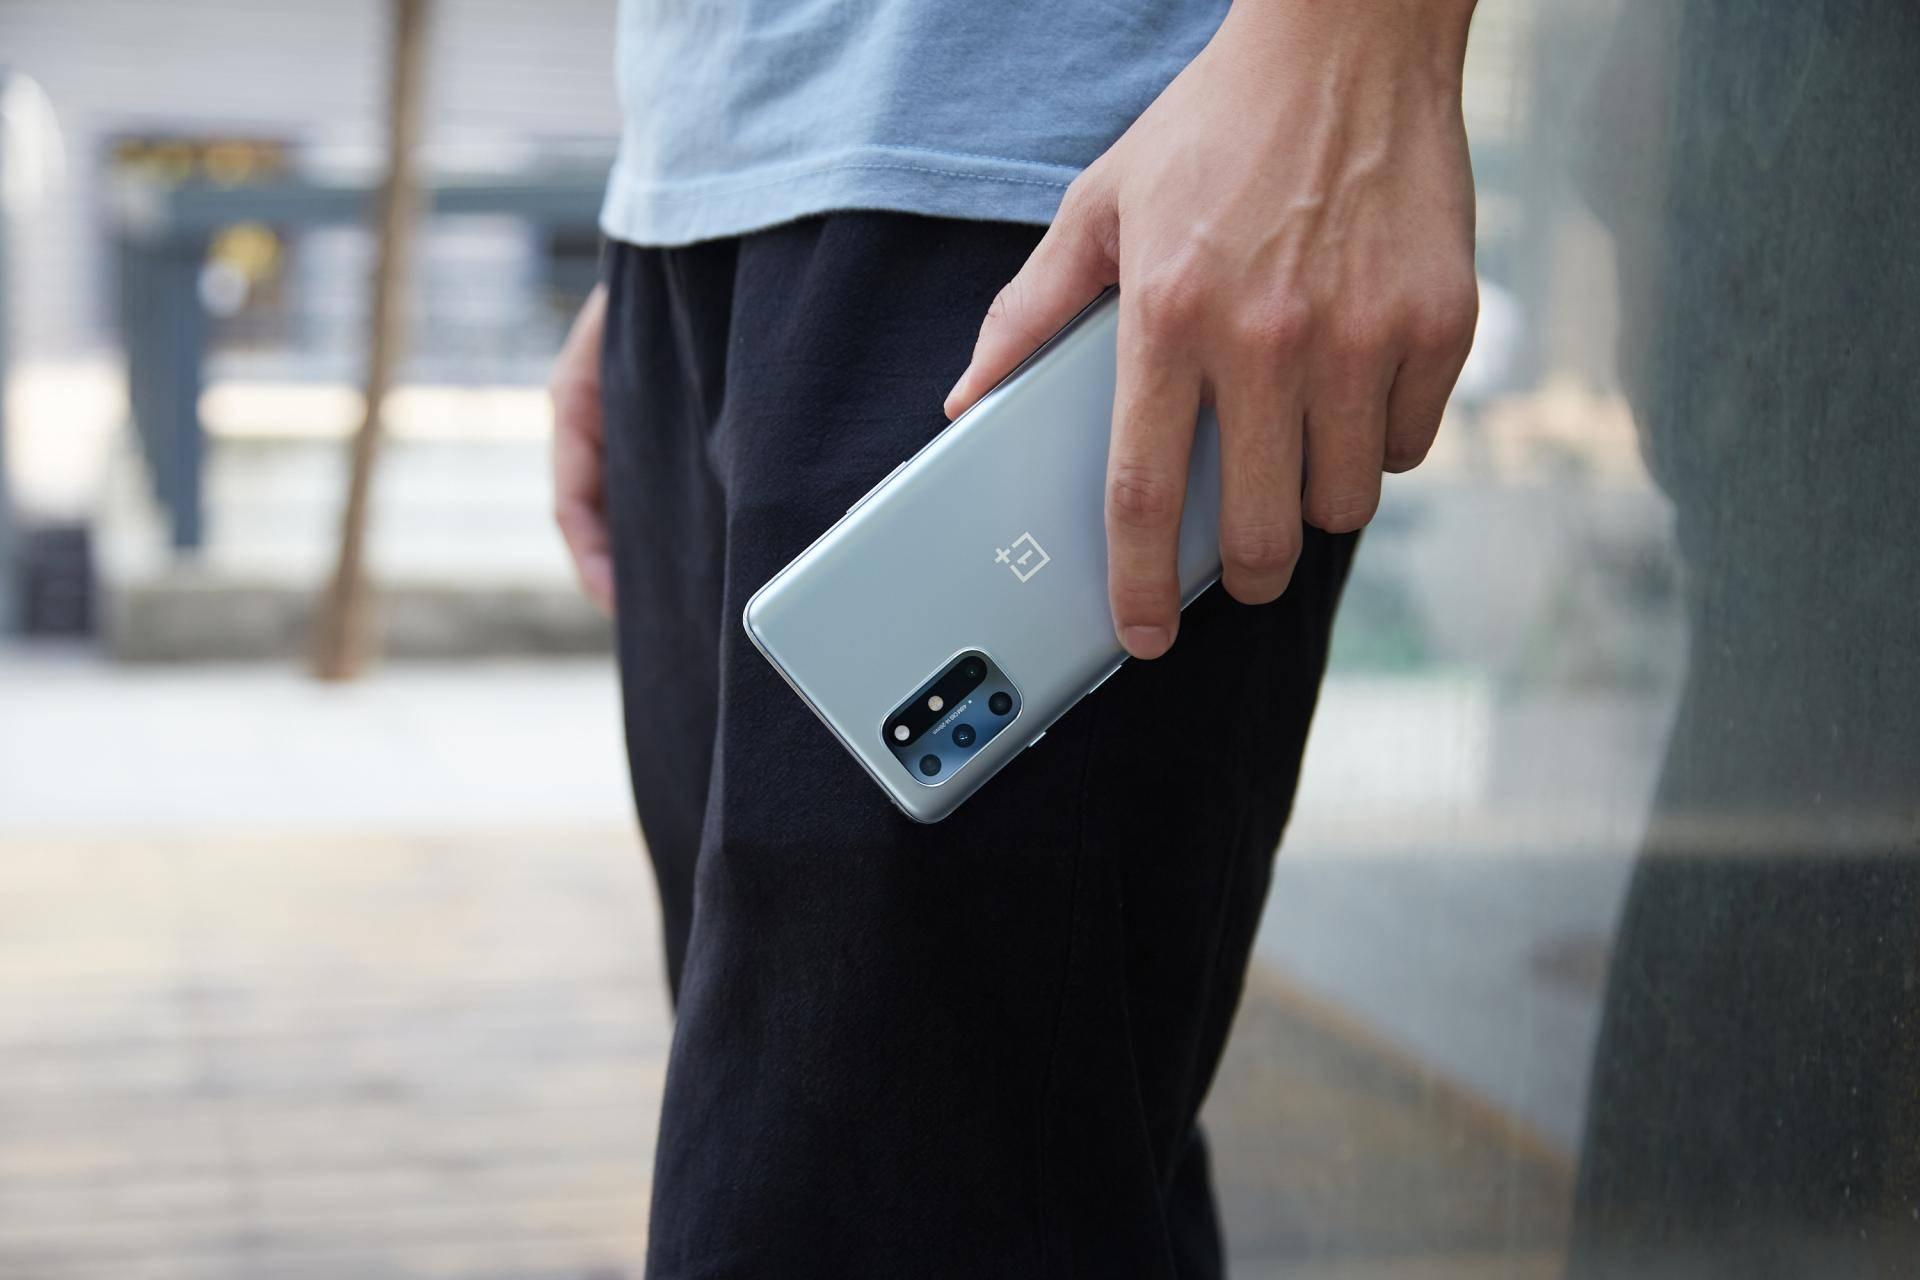 春节数码好东西推荐:涵盖手机耳机家电,总有一款适合你